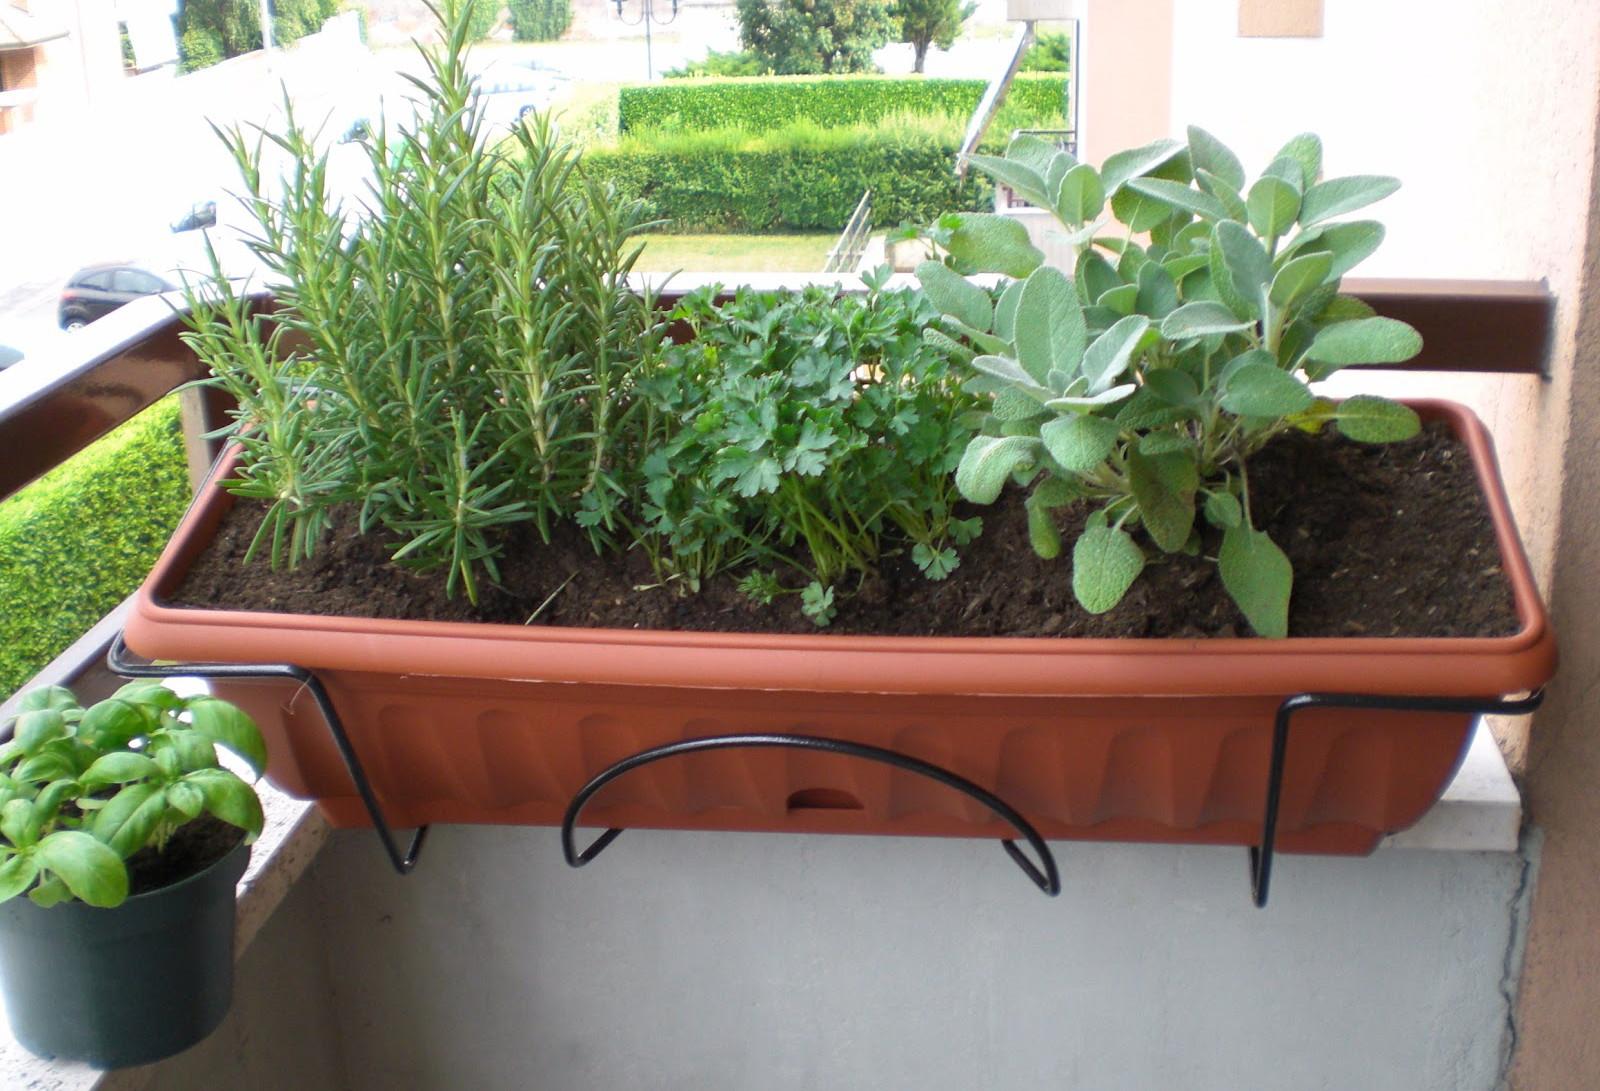 Mini Giardino Sul Balcone : Lancio di rifiuti dal condominio gettare terriccio mozziconi di